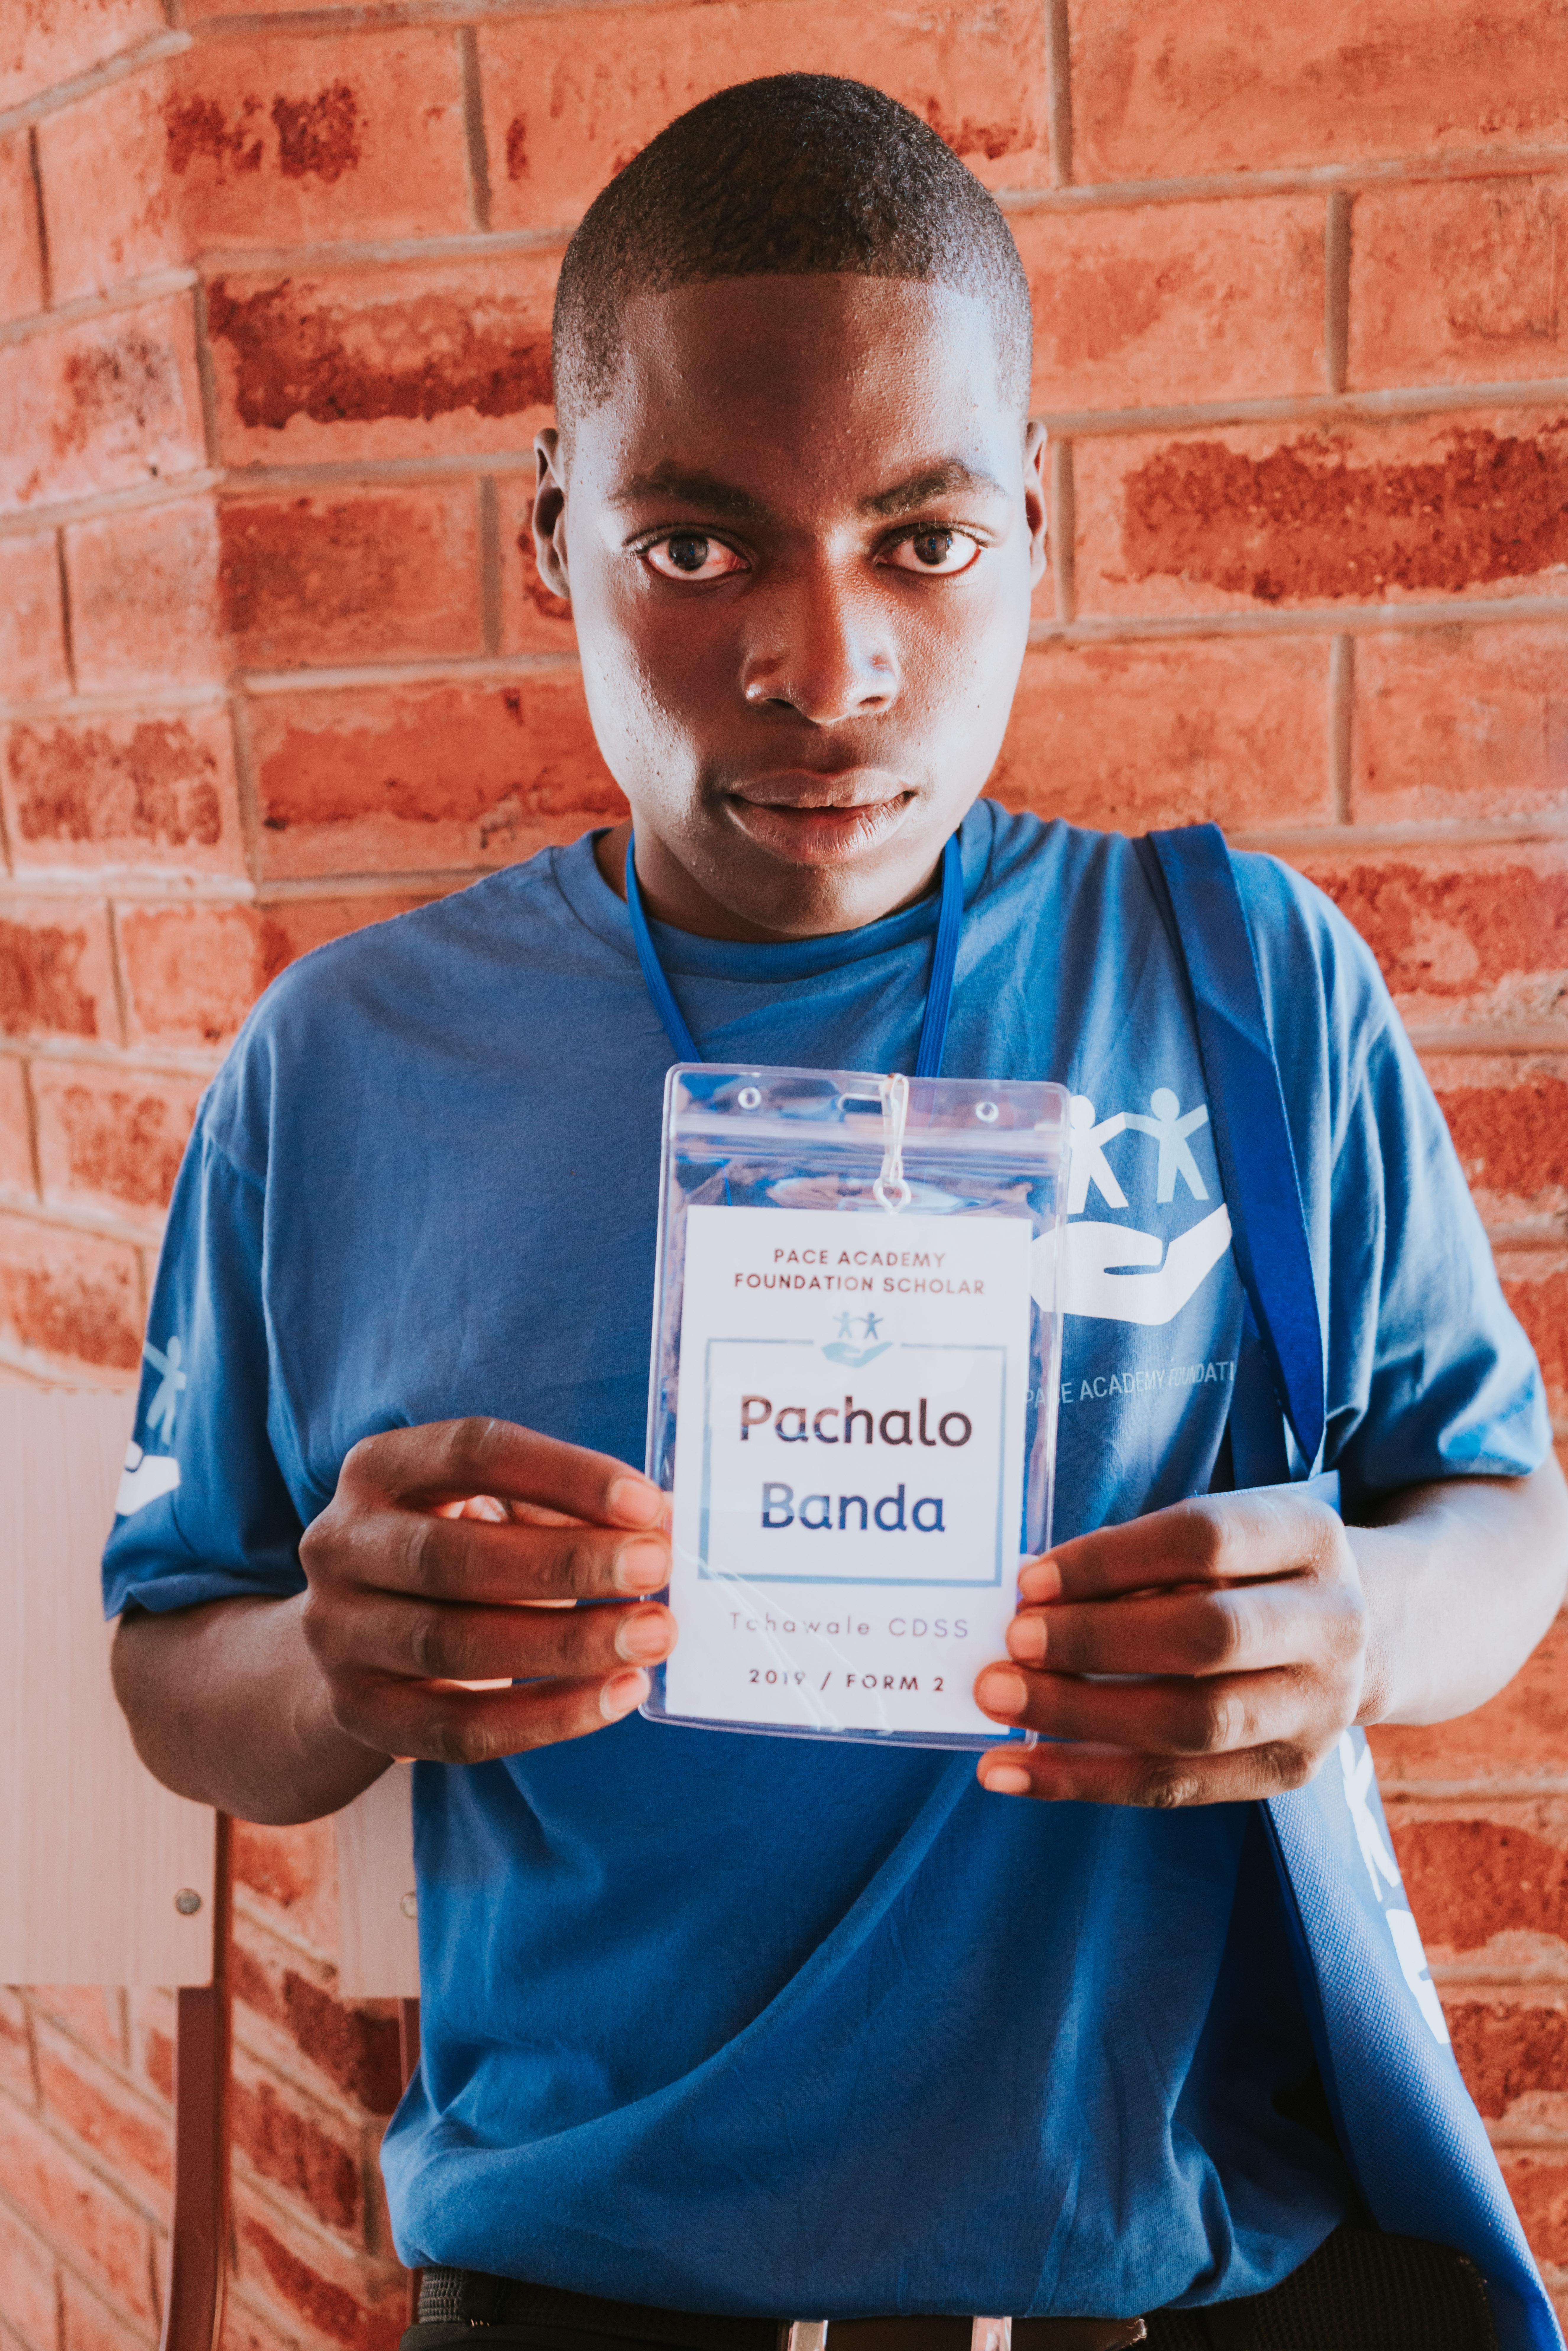 Pachalo Banda (Tchawale CDSS)